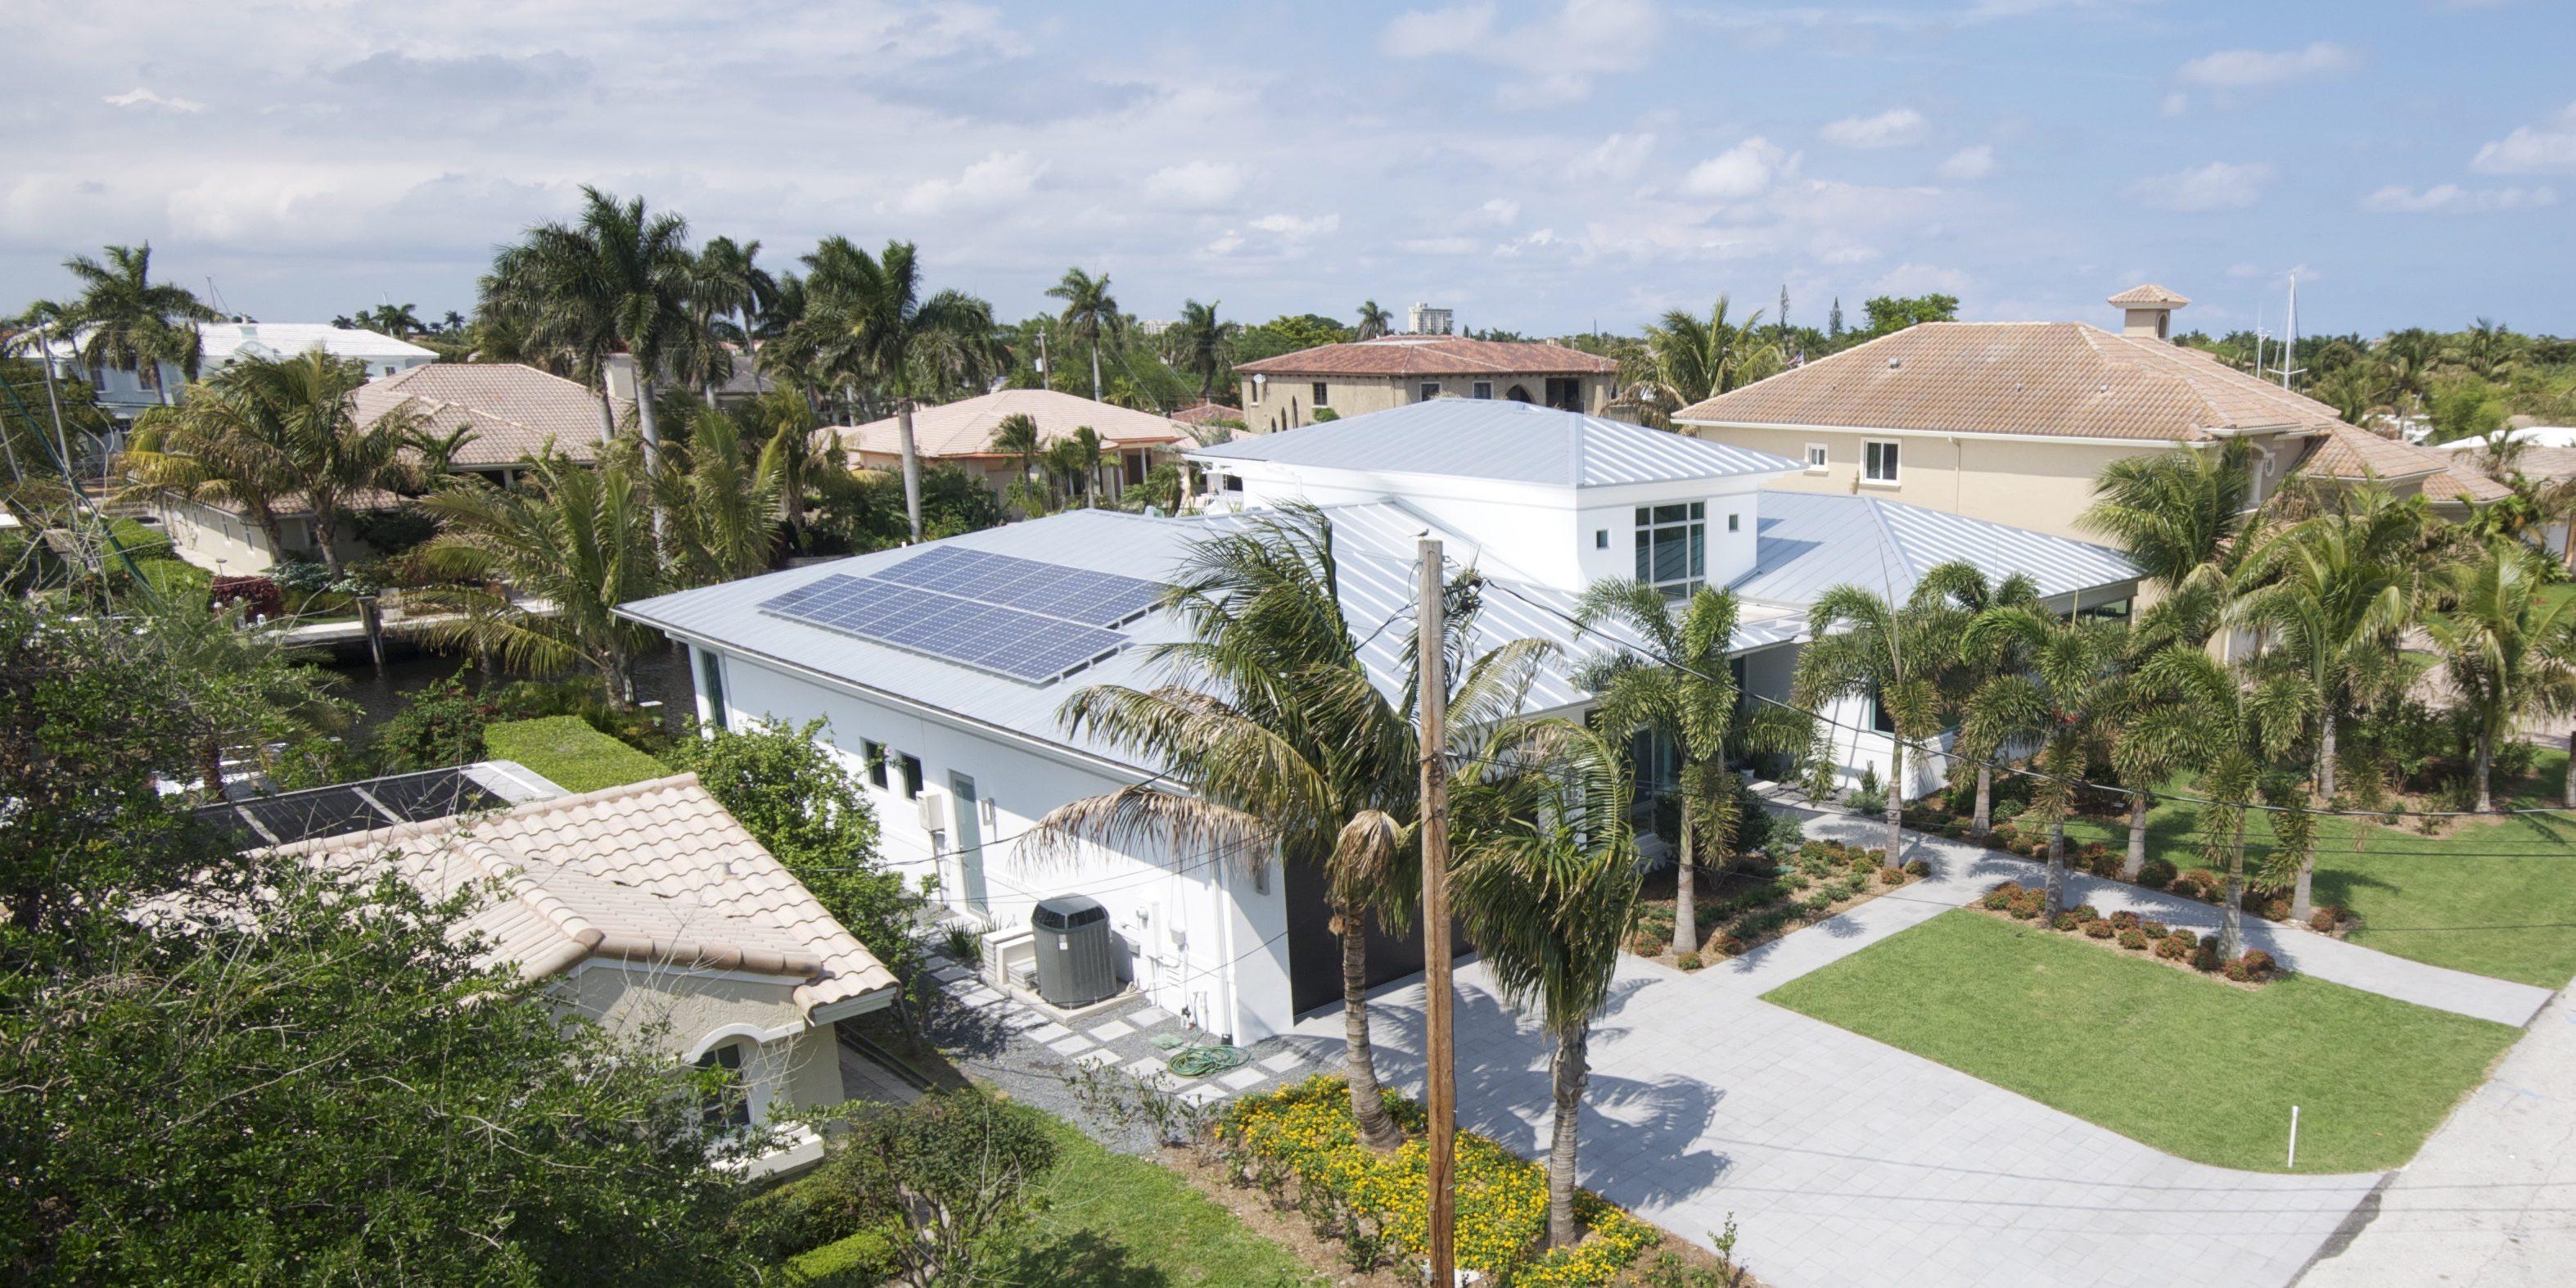 Residential Solar Assessment